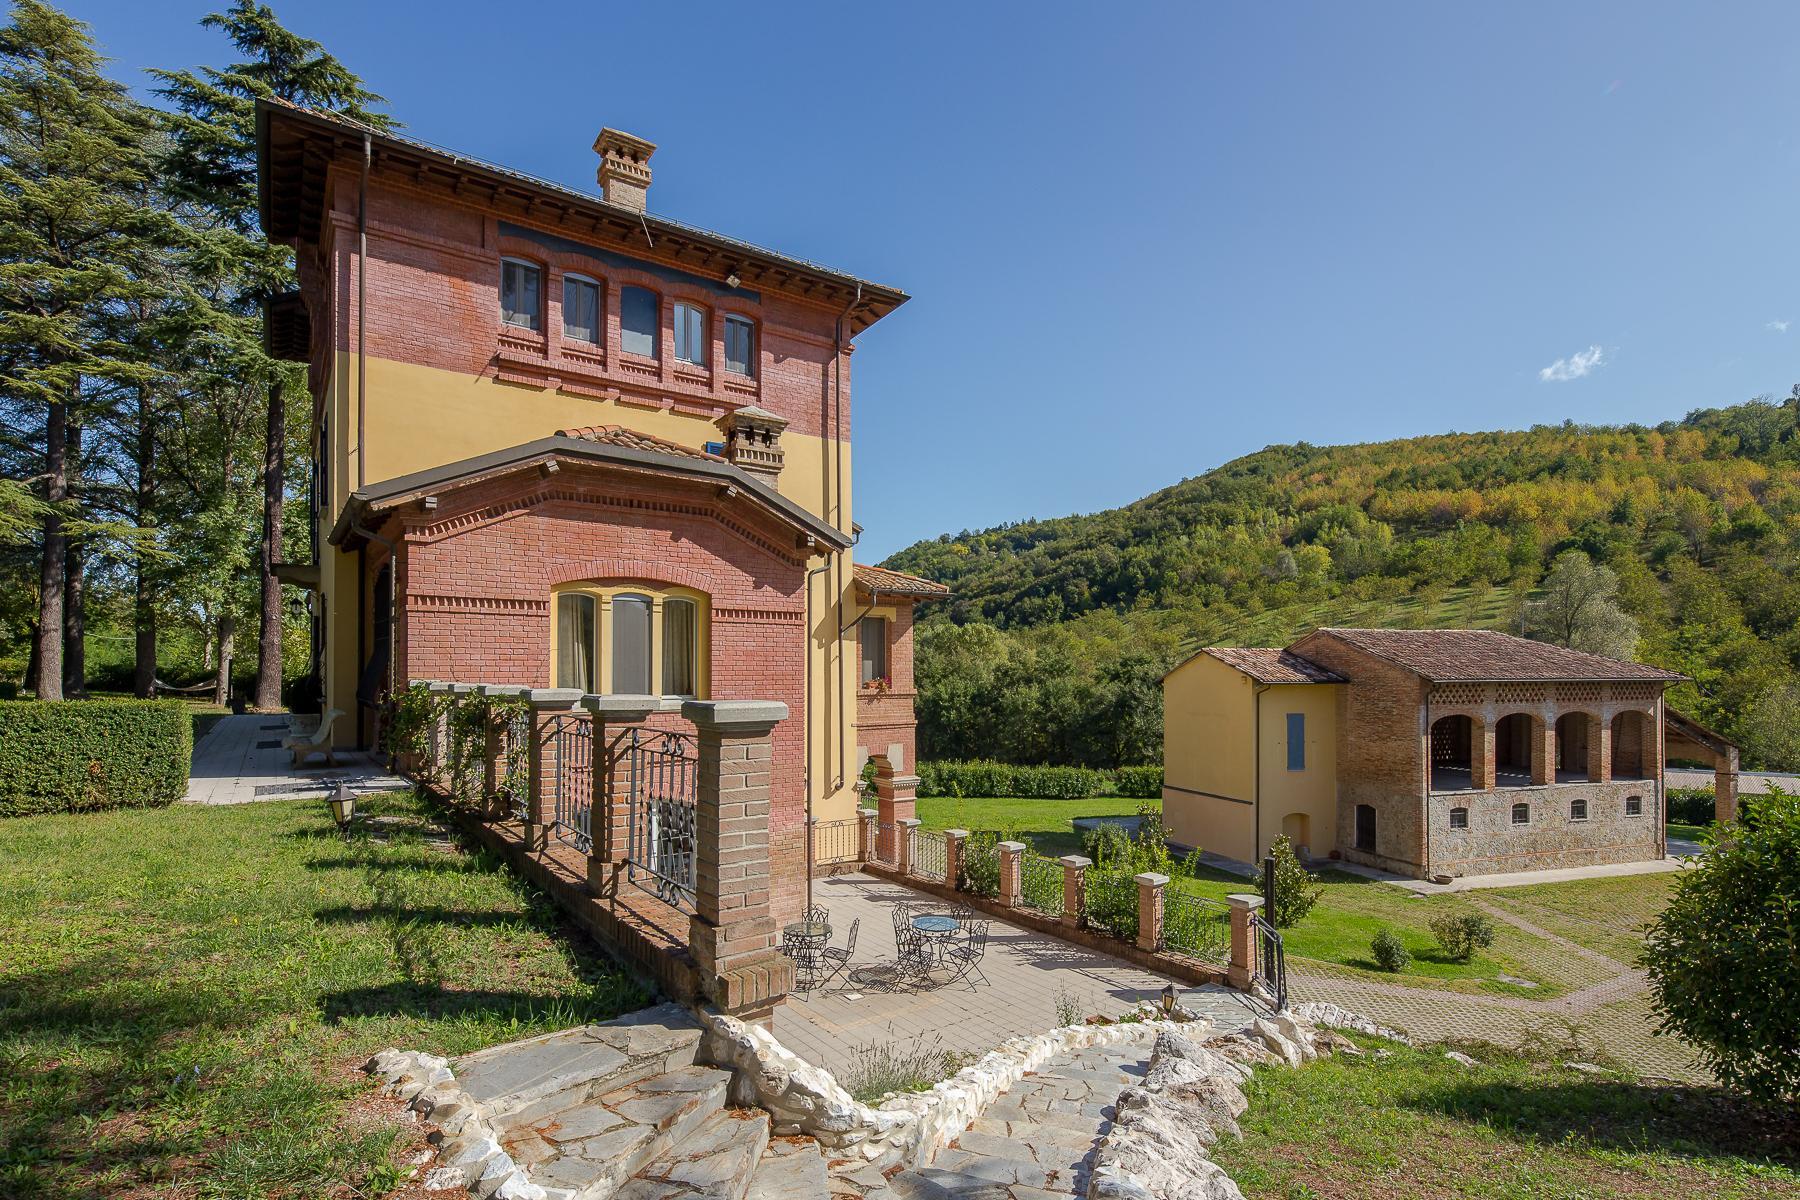 Salsomaggiore Terme温泉辉煌时期的别墅 - 3